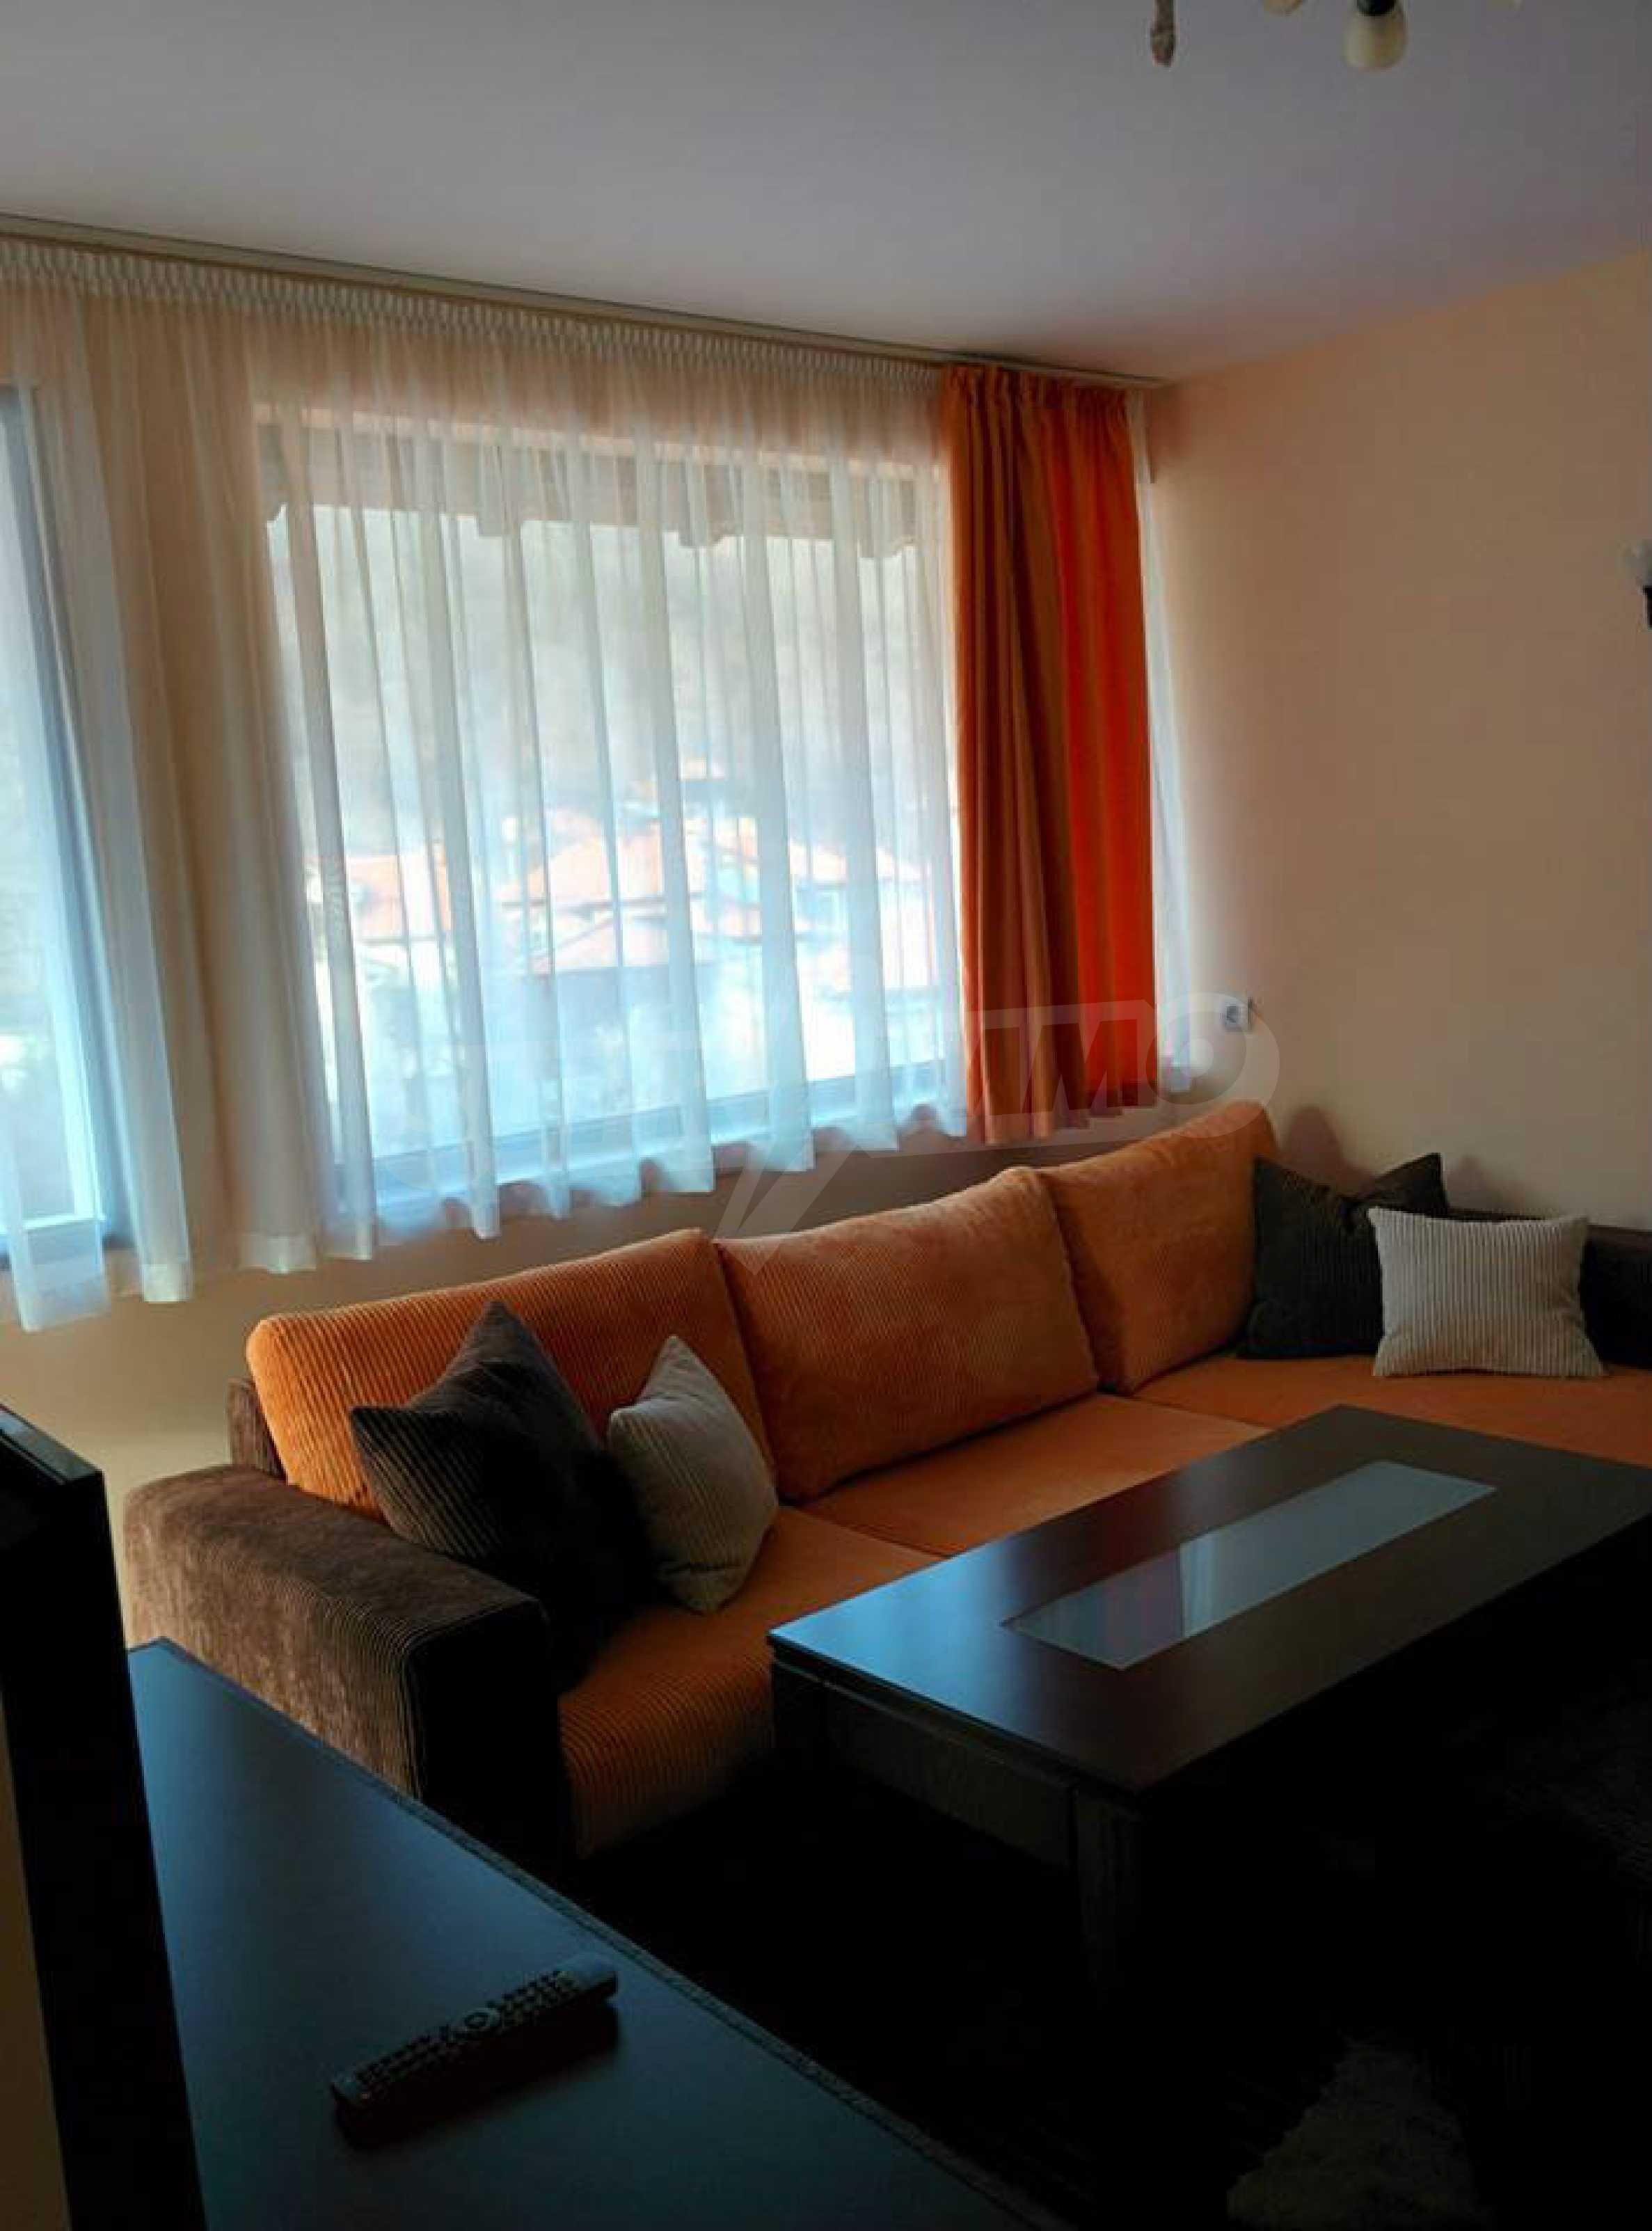 Neu erbautes, komfortabel eingerichtetes Hotel mit Pool im Herzen des Balkangebirges 10